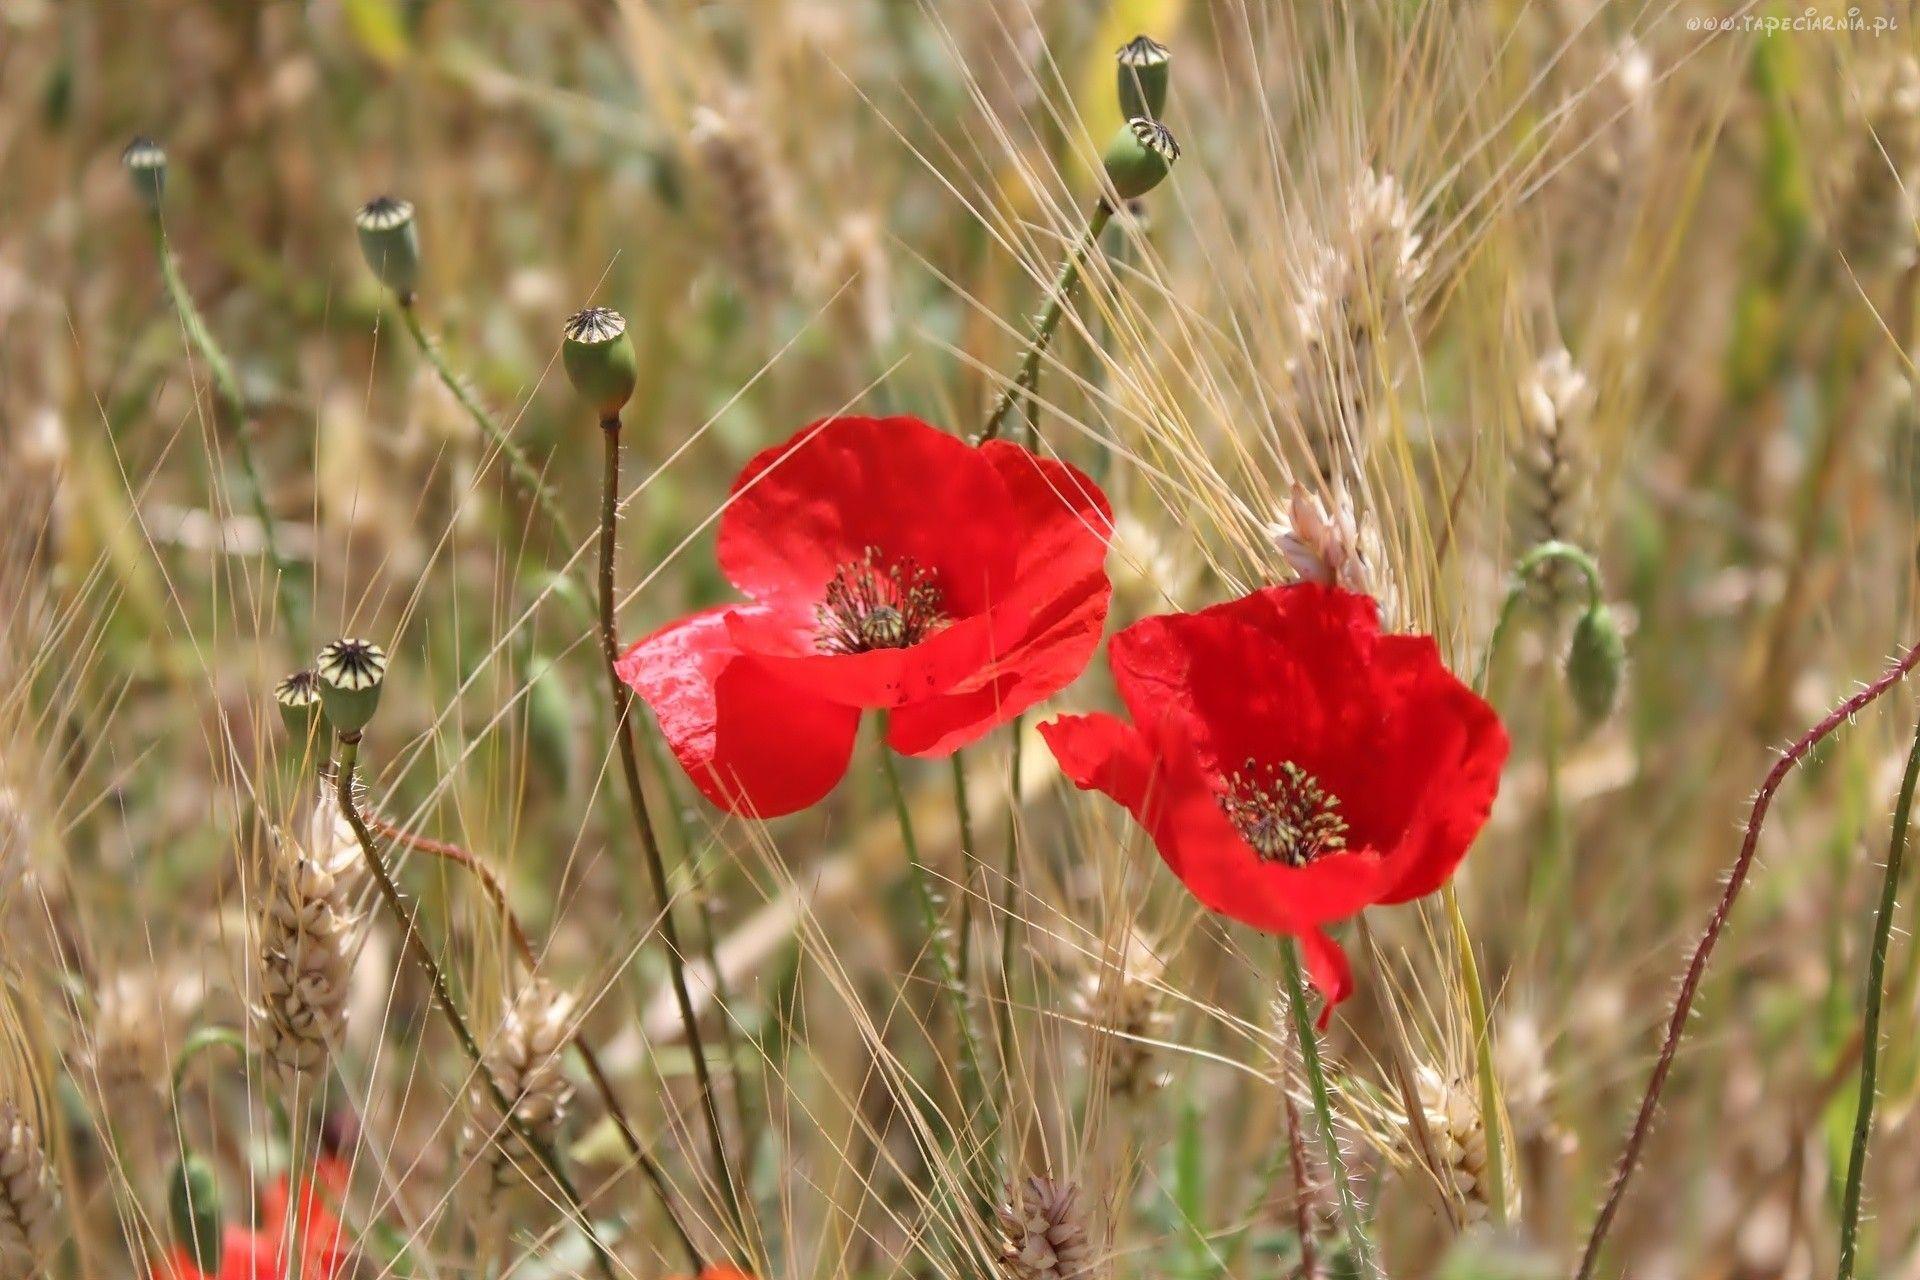 Zboze Klosy Pszenicy Maki Flowers Poppies Yellow Flowers